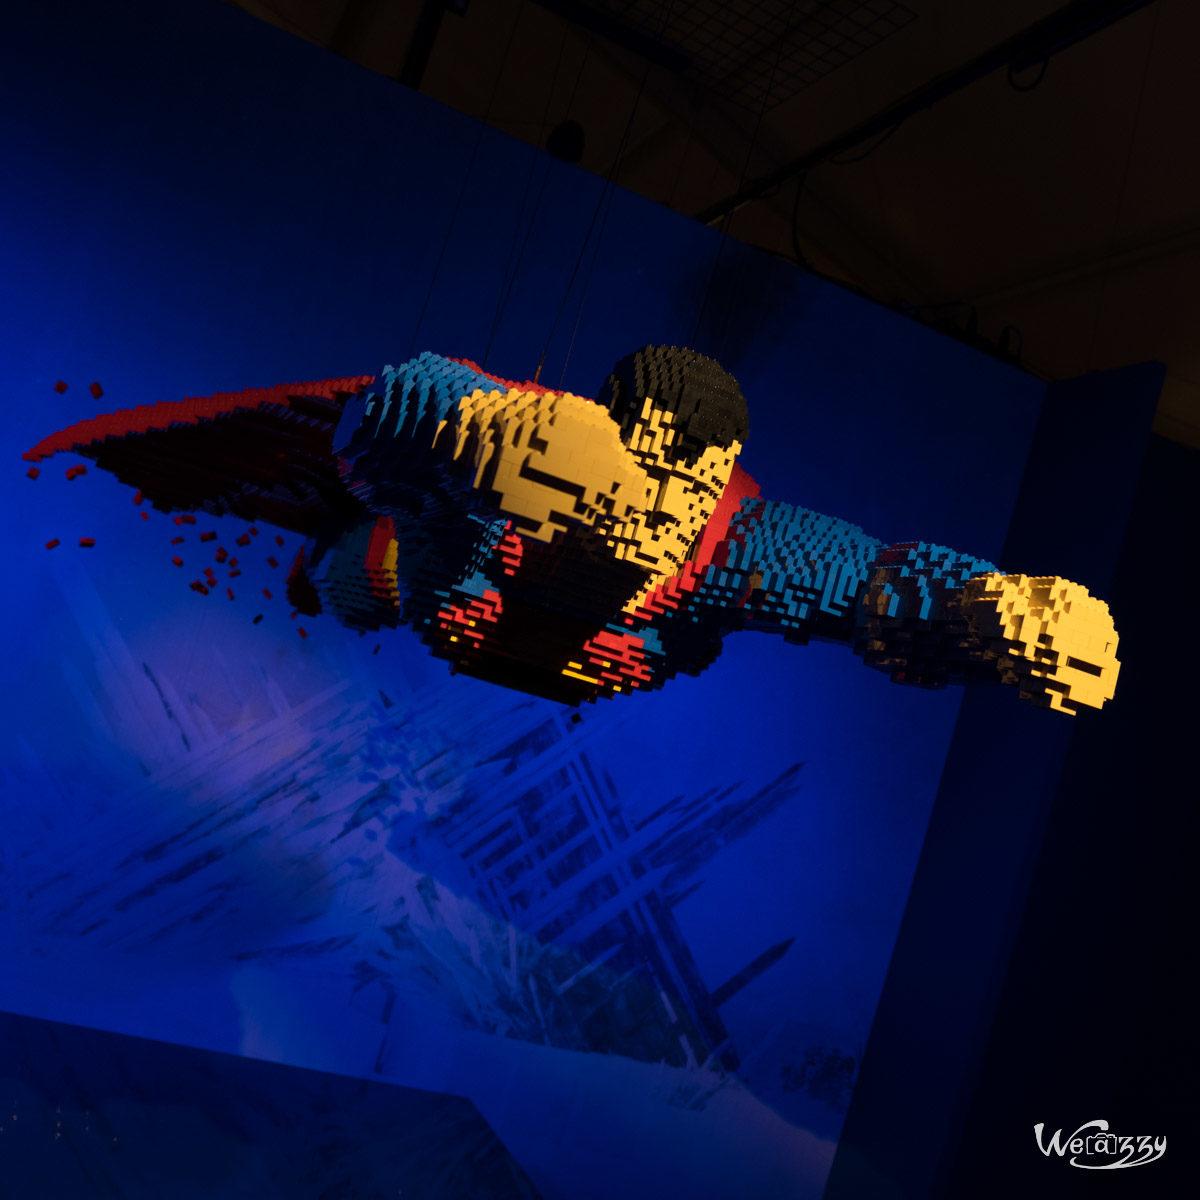 Exposition, Lego, Paris, Ville